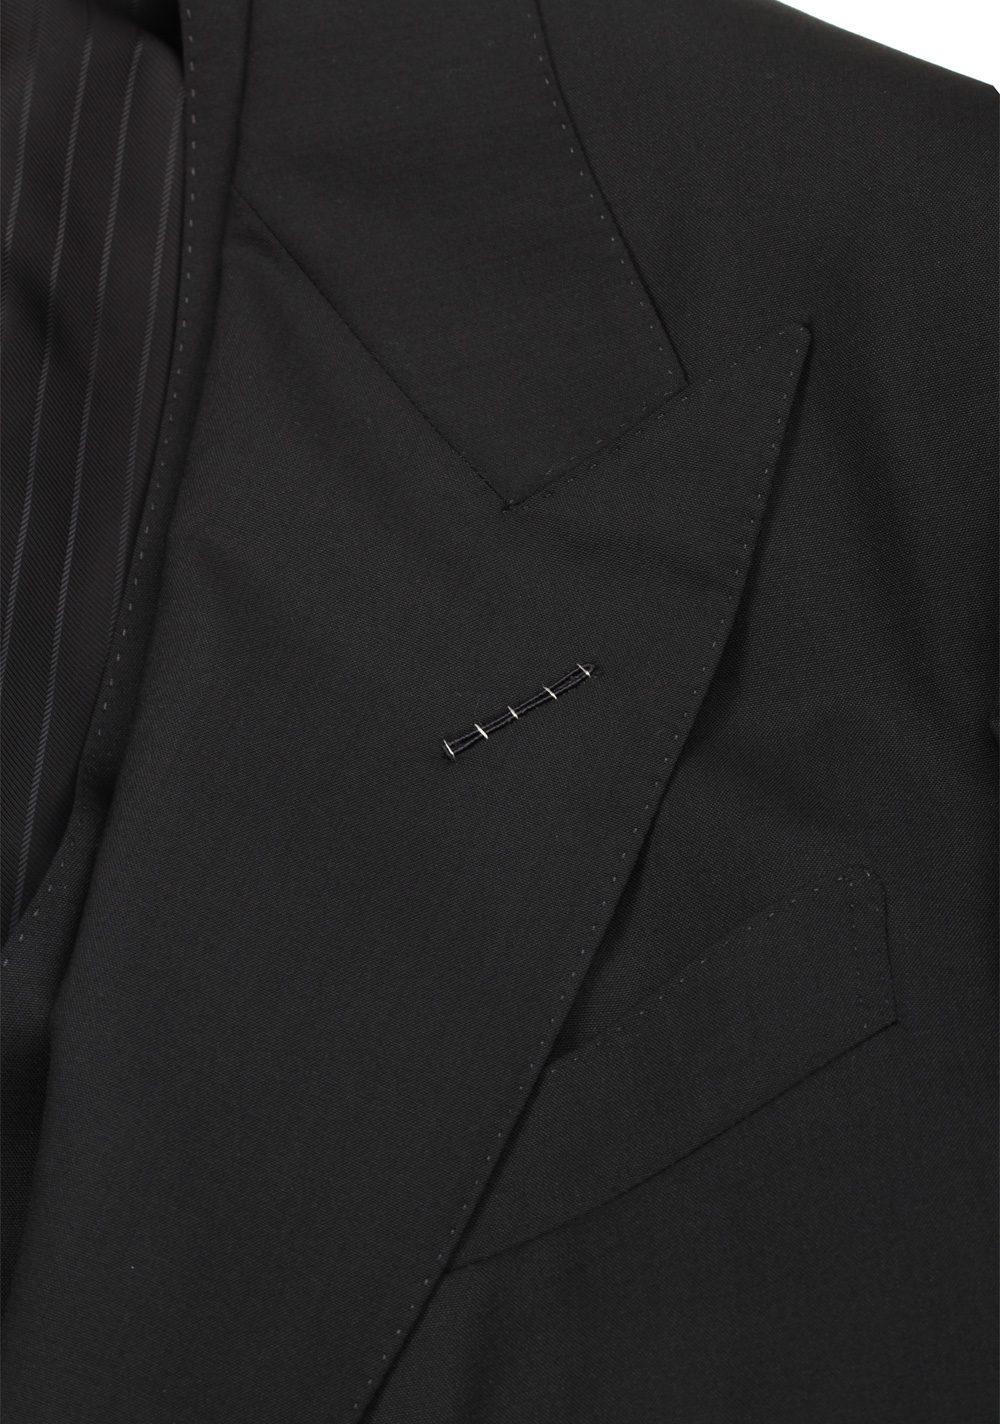 TOM FORD Shelton Black 3 Piece Suit Size 52 / 42R U.S. Wool | Costume Limité